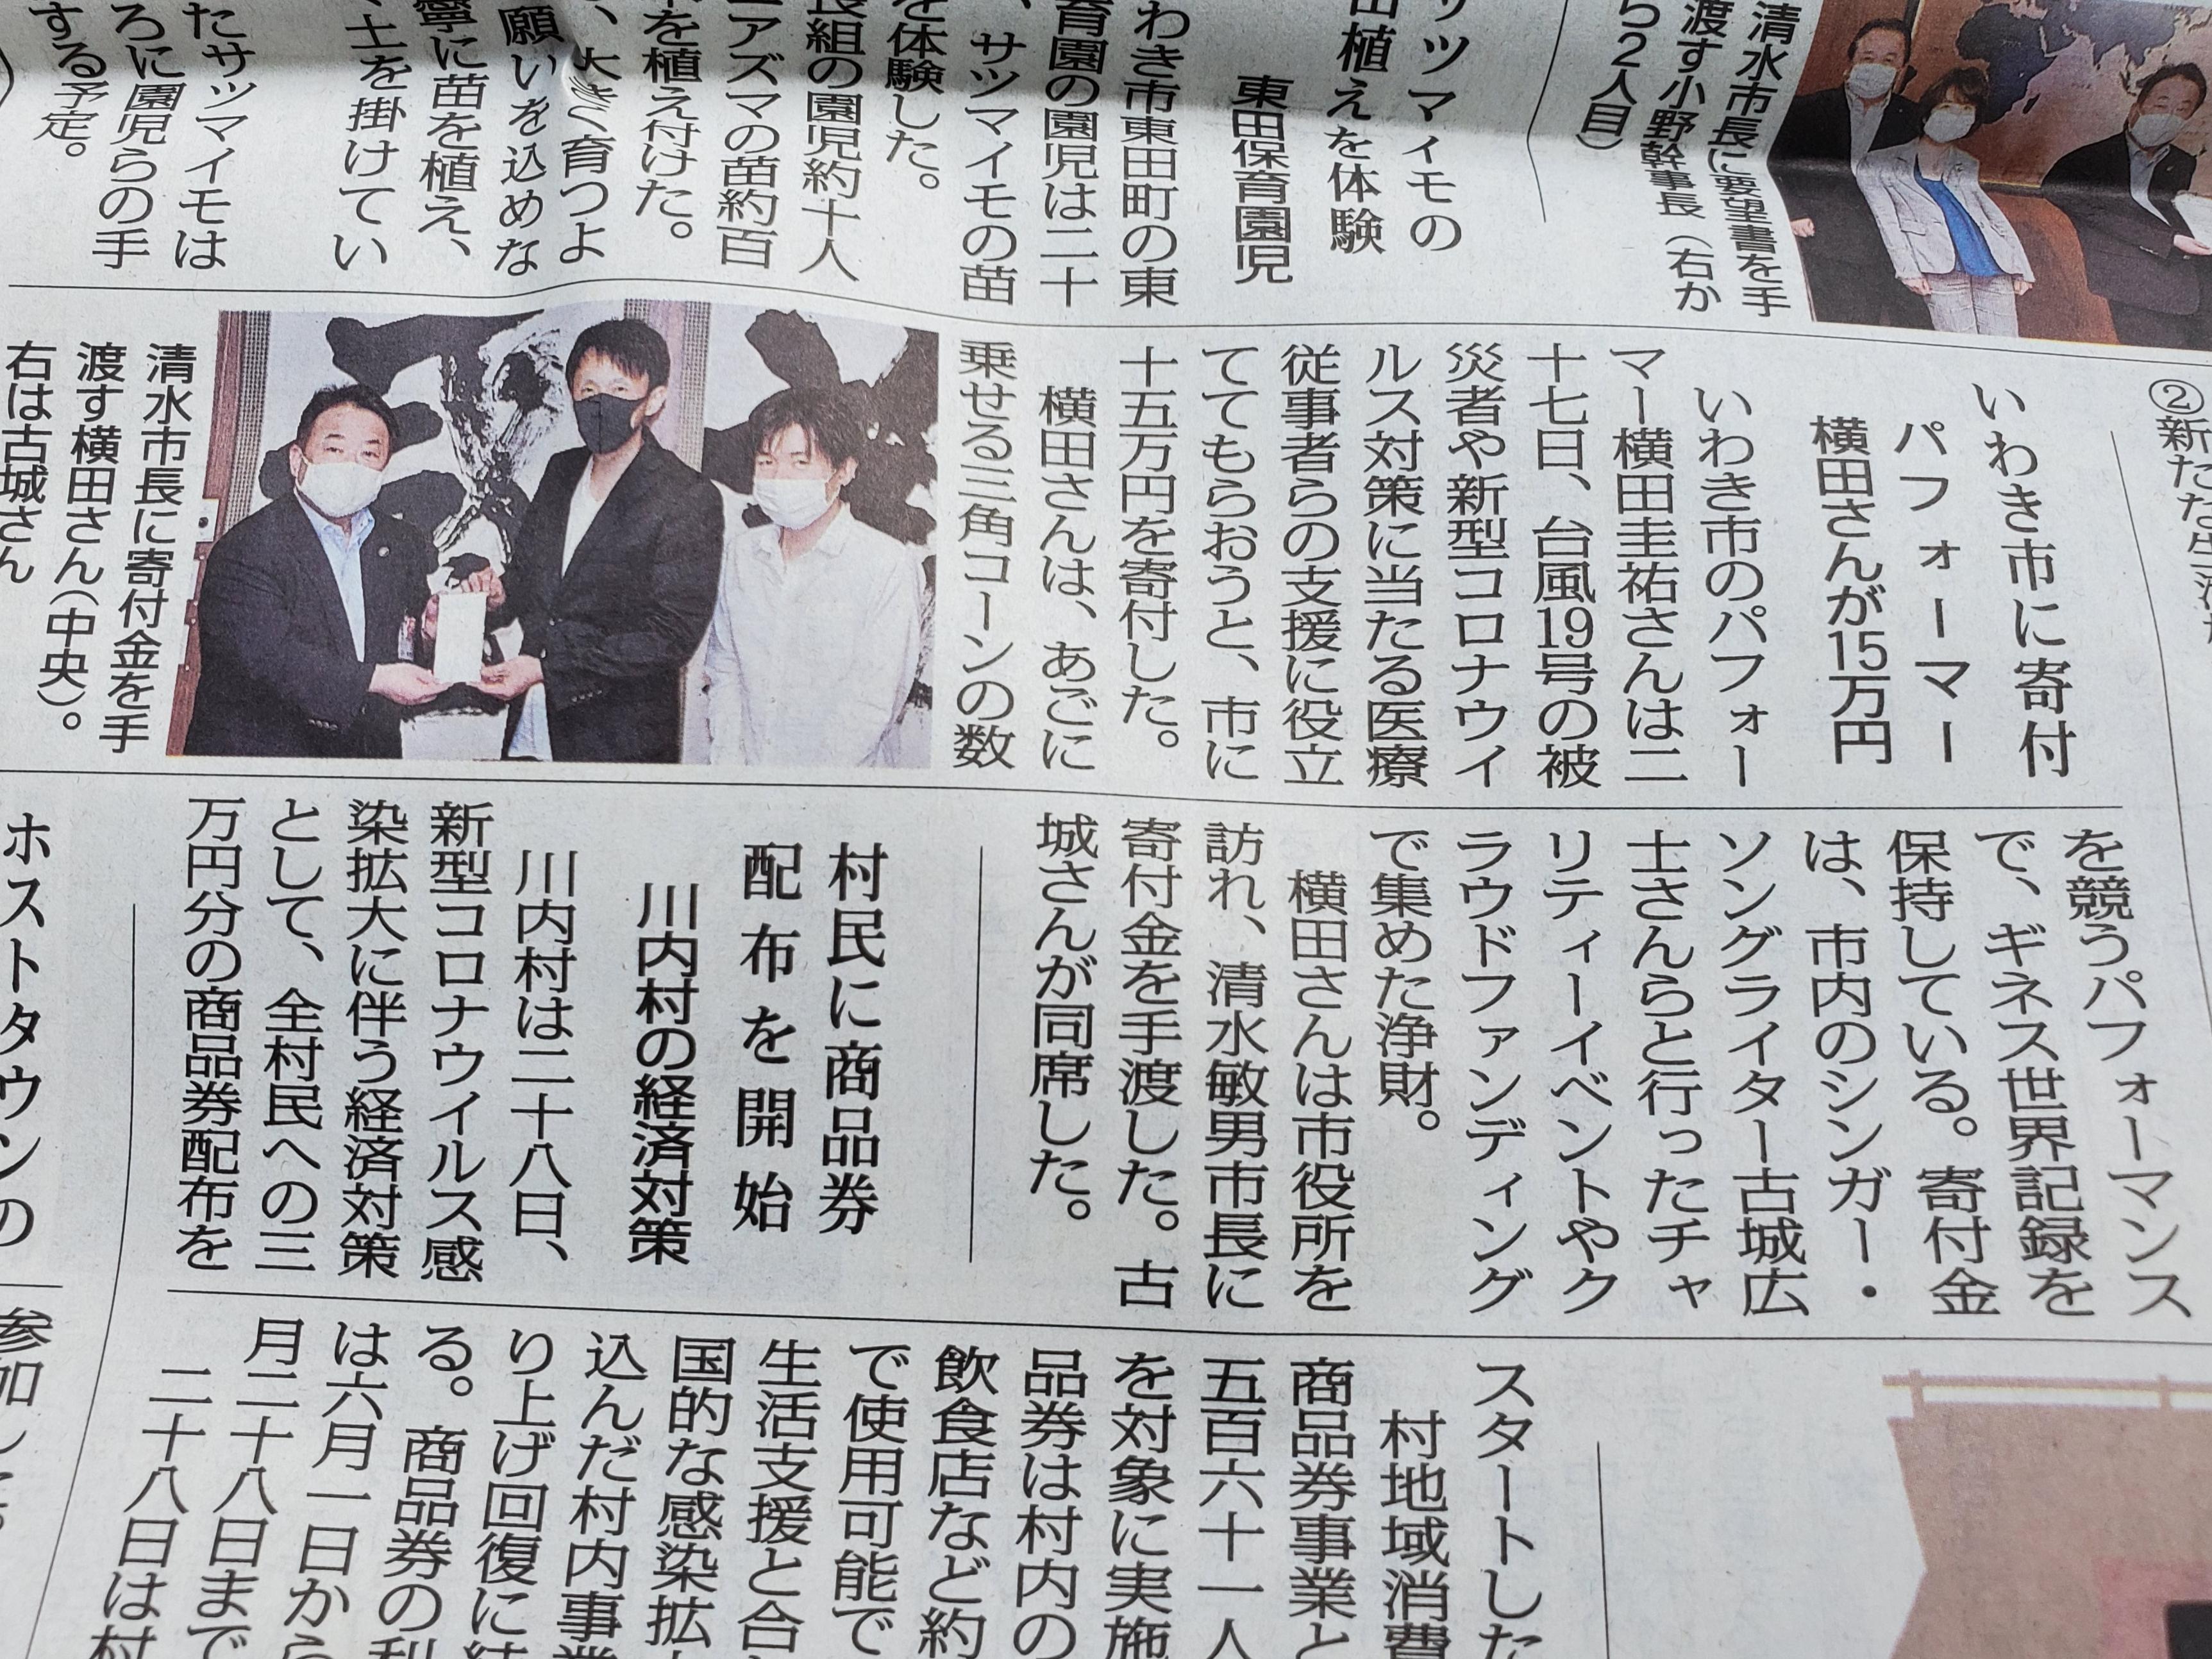 福島民報様、いわき民報様に掲載していただきました!